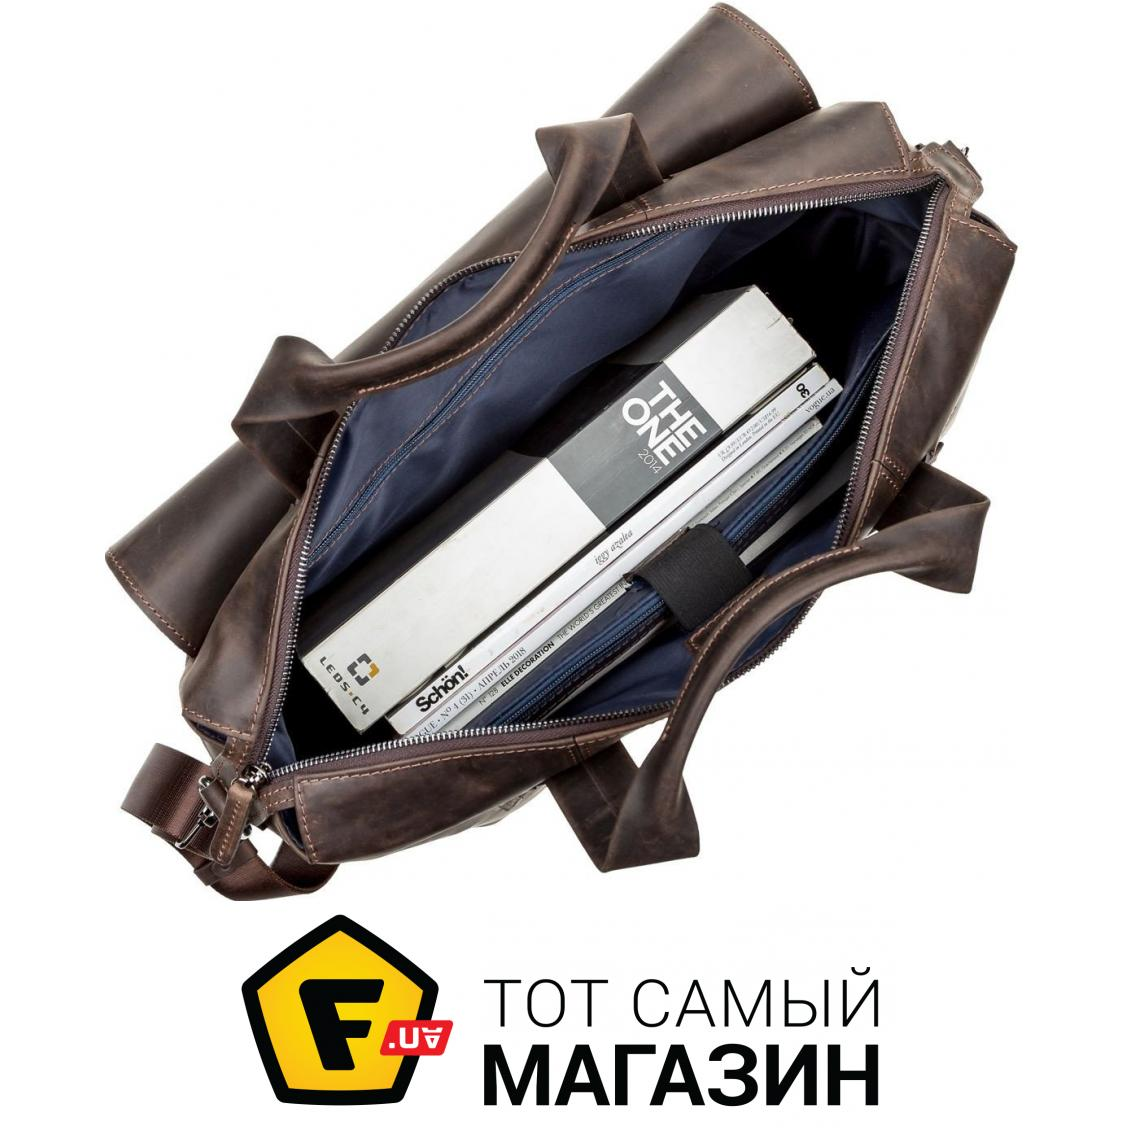 c68ae1c6676c ᐈ Дорожная сумка SHVIGEL Коричневый (11119) ~ Купить? ЦЕНА Снижена ...